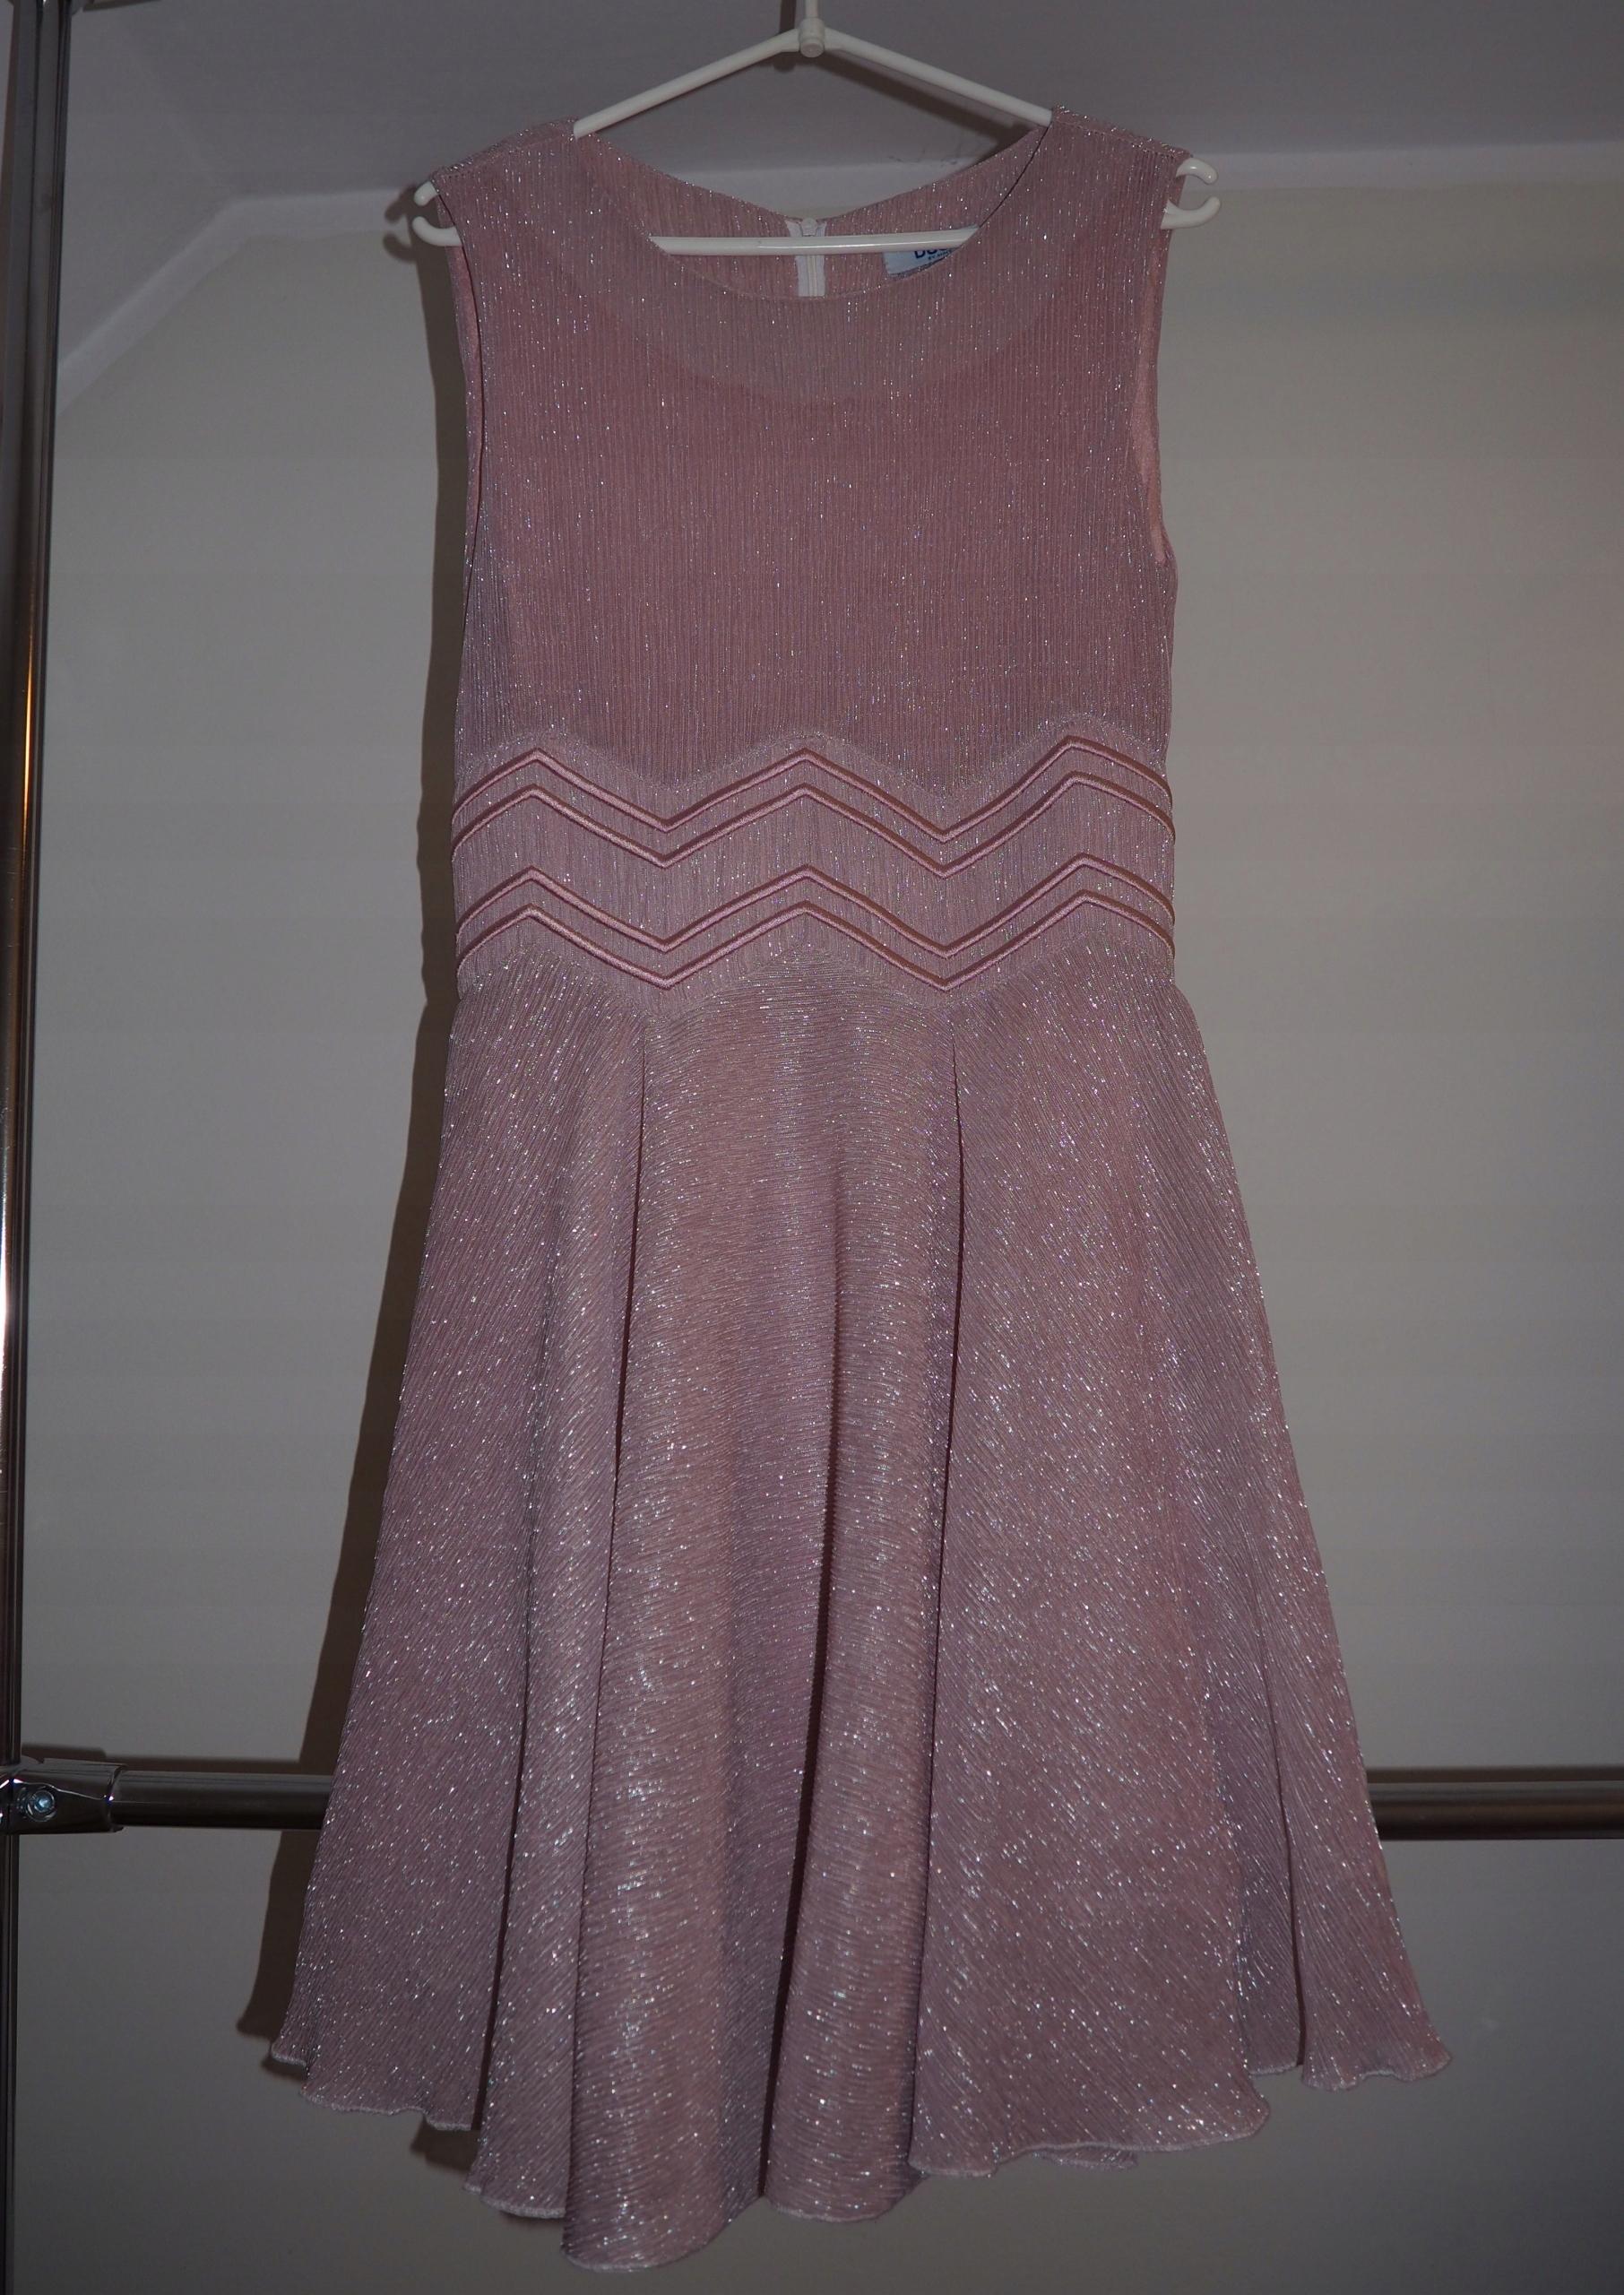 9b6860232 sukienki do kolan, rozmiar 36/38 - 7528449133 - oficjalne archiwum ...